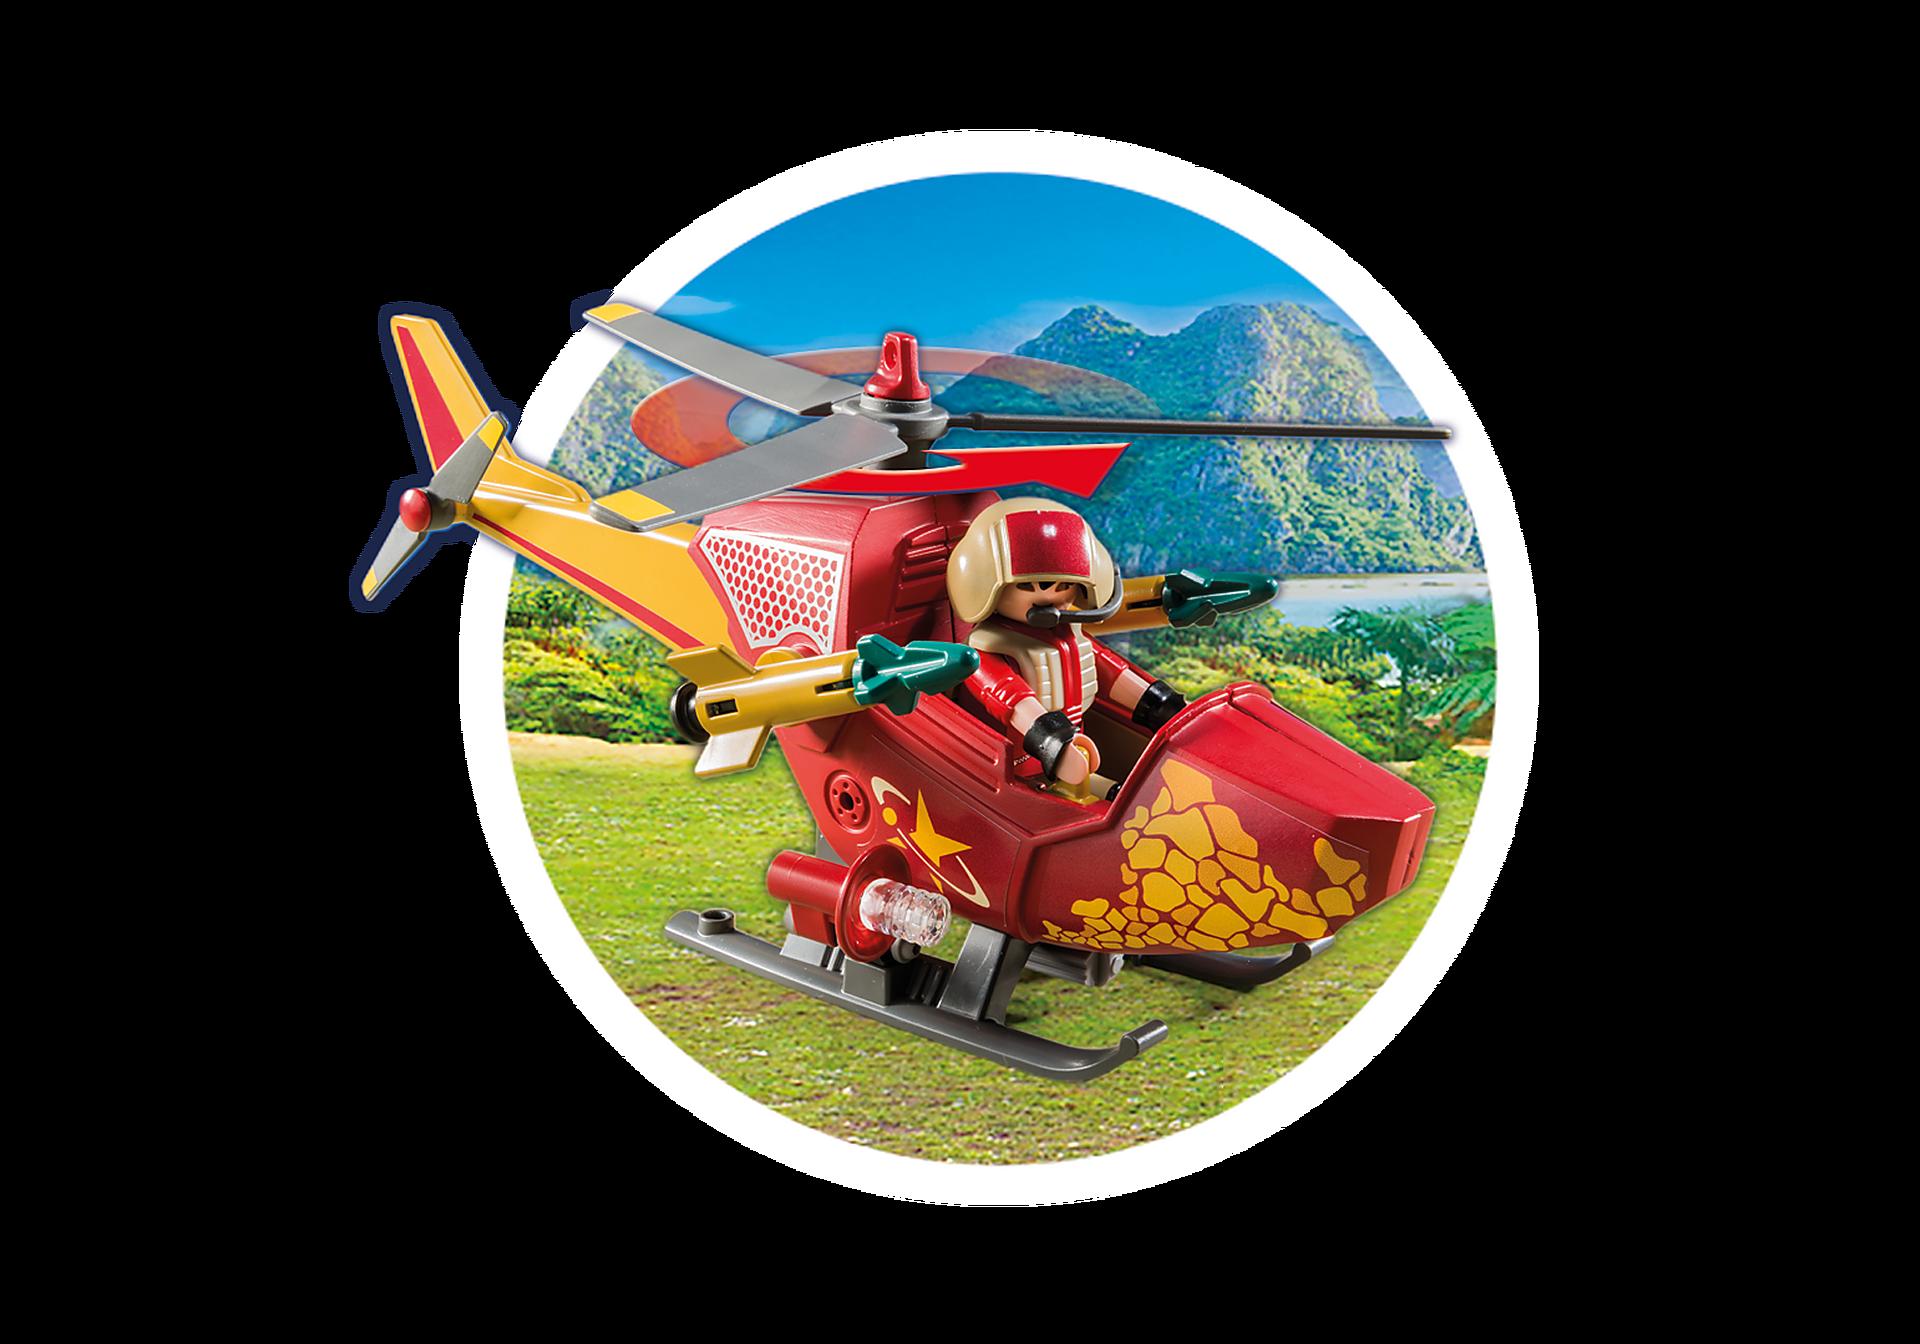 9430 Helicóptero con Pterosaurio zoom image7